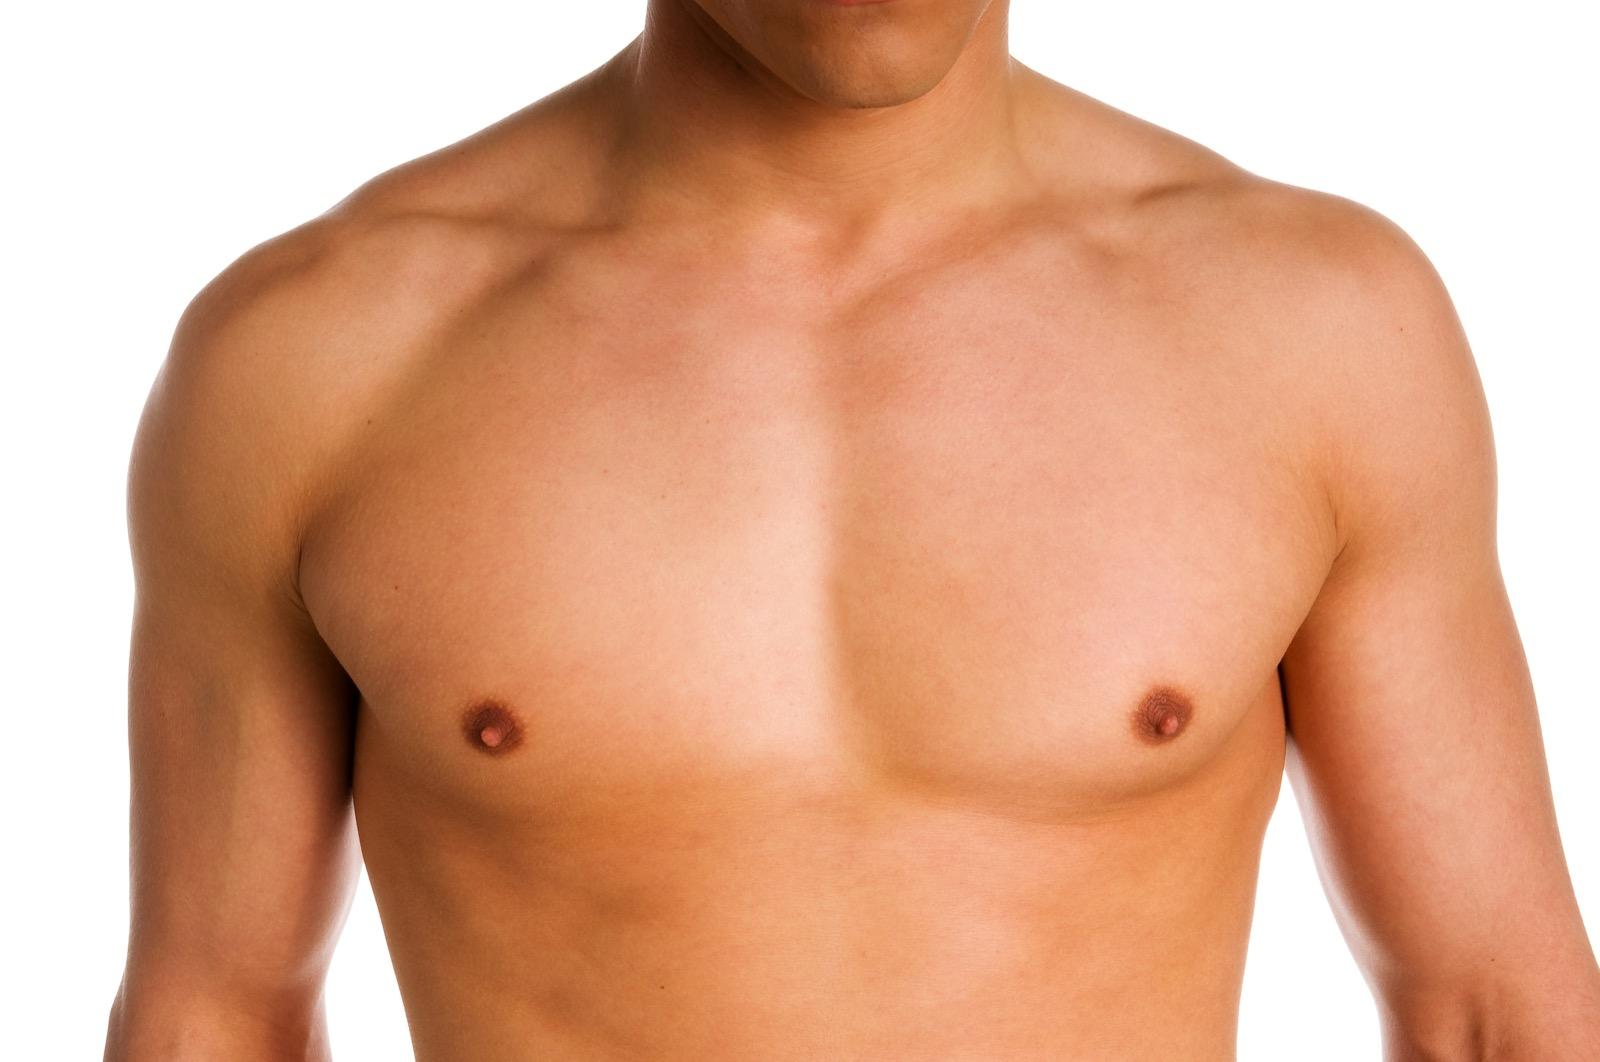 Correctie mannelijke borstvorming (Gynaecomastie correctie)